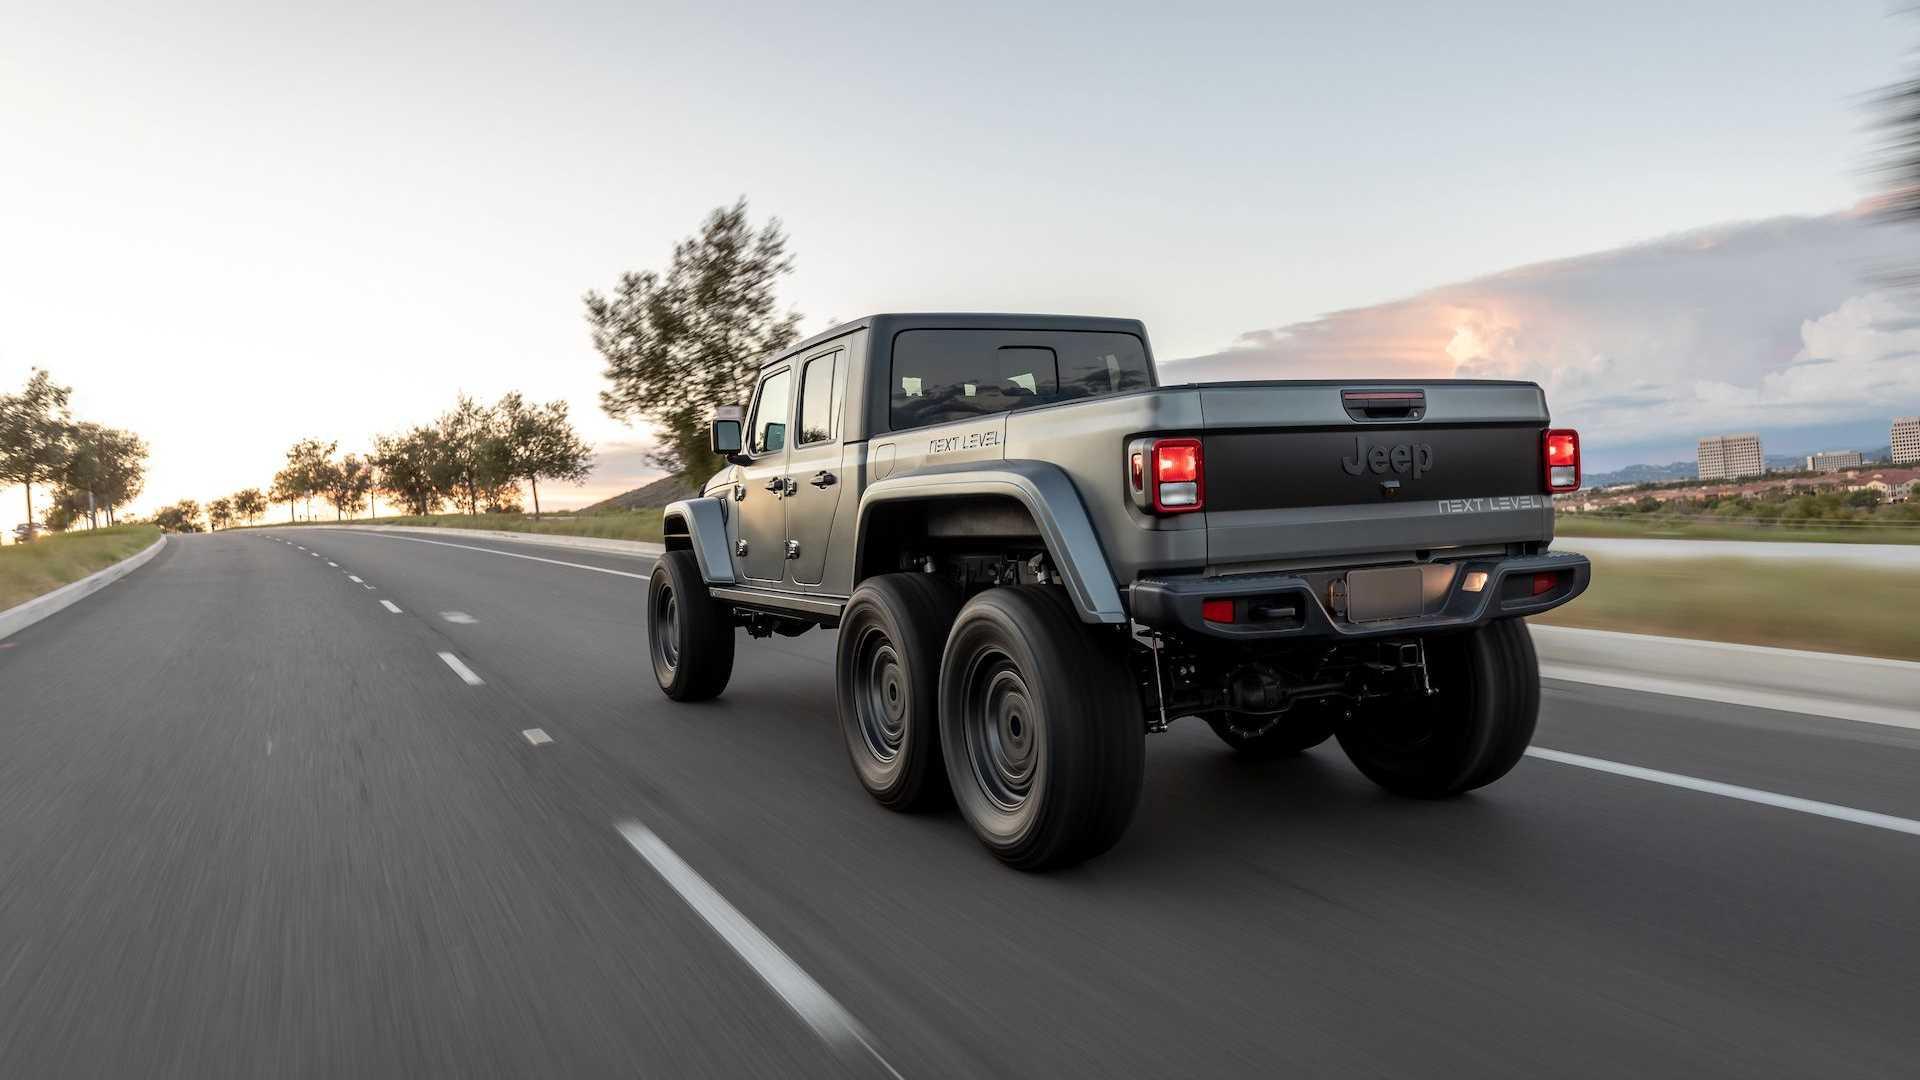 Jeep-Gladiator-6x6-by-Next-Level-4